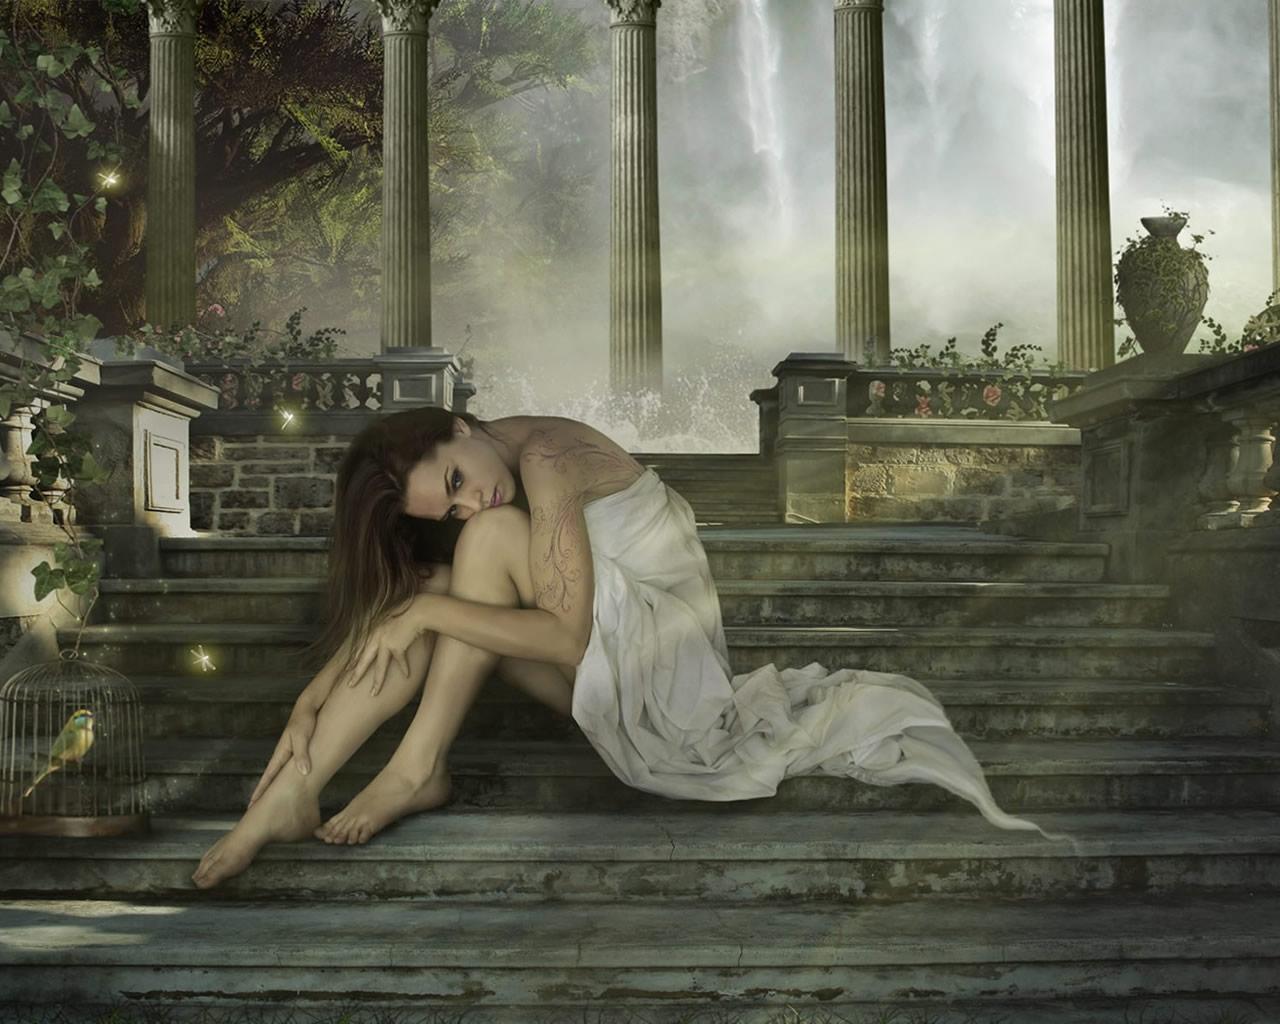 http://4.bp.blogspot.com/-QNX9Neu5WZo/TxSJVANcJjI/AAAAAAAAAvc/6JxlqIE4AcU/s1600/fantasy-woman-wallpaper-1280x1024-1001022.jpg